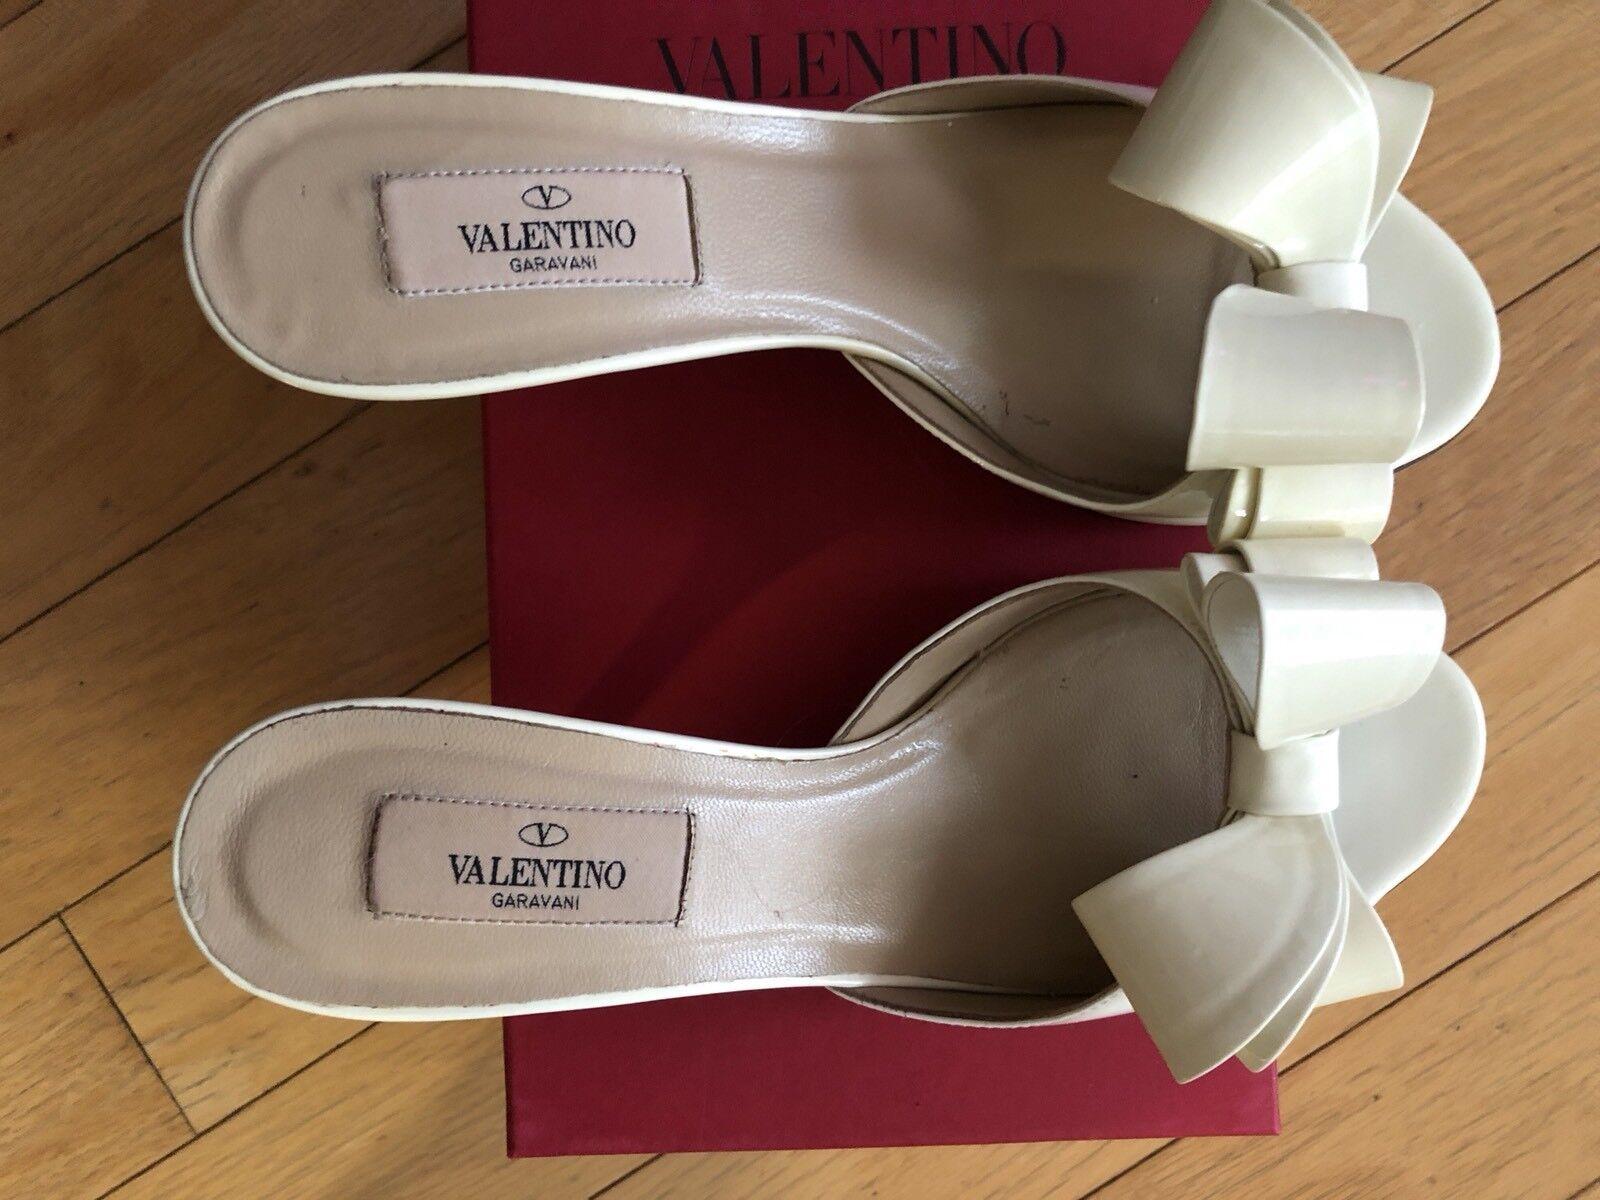 le migliori marche vendono a buon mercato Splendid VALENTINOmodel mules  bow bow bow  patent leather witha beautiful bow US 37.5  disegni esclusivi